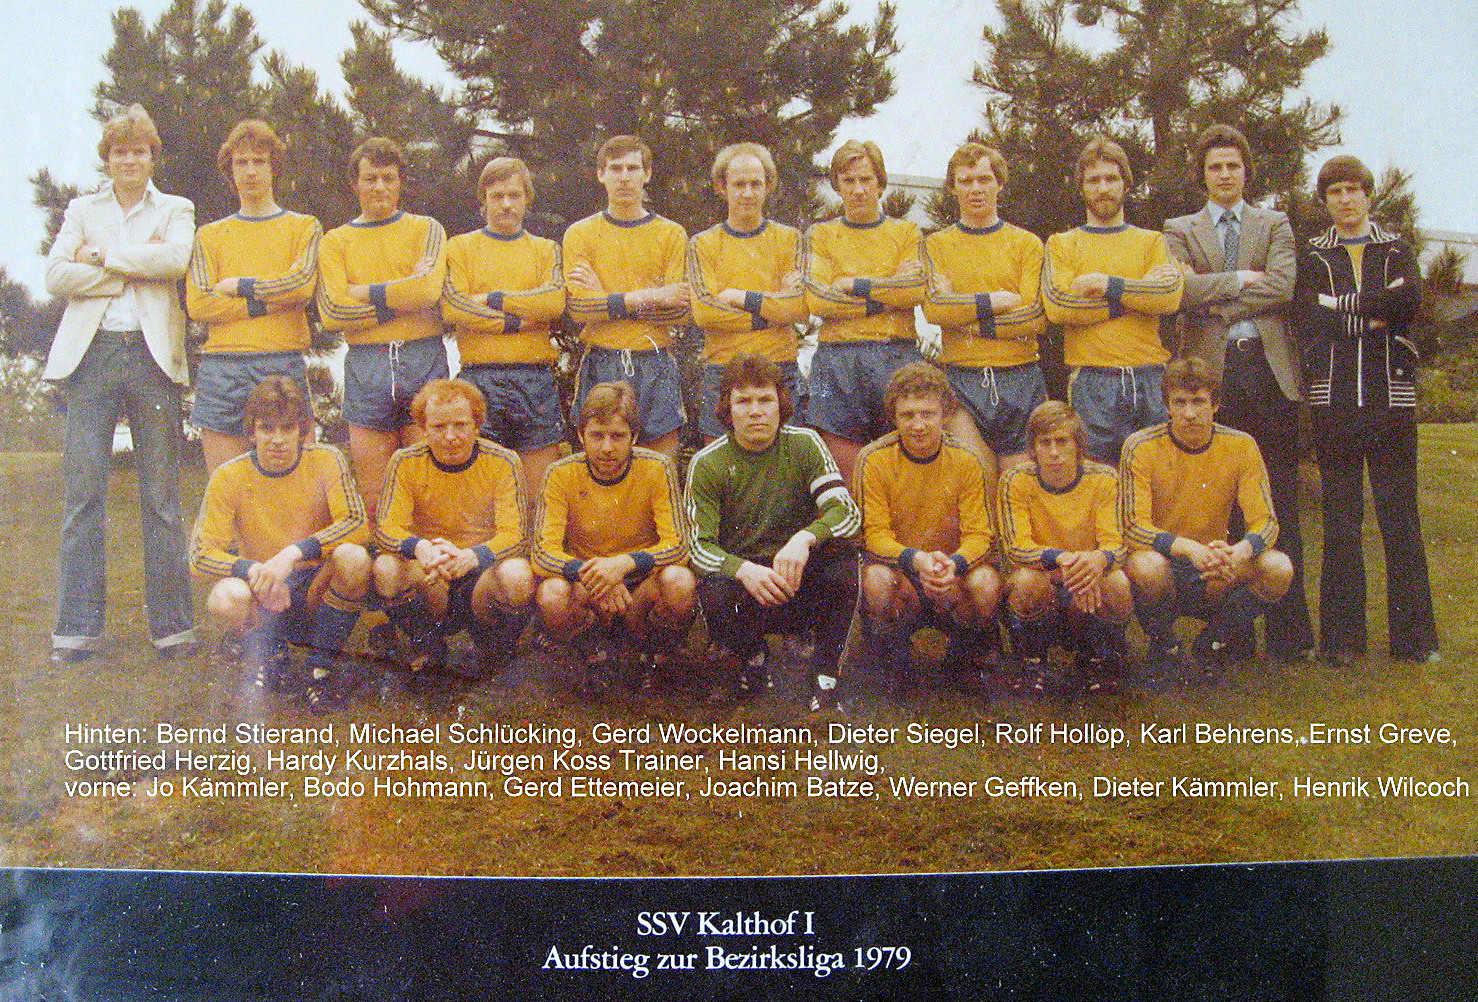 Aufstieg in die Bezirksliga 1979